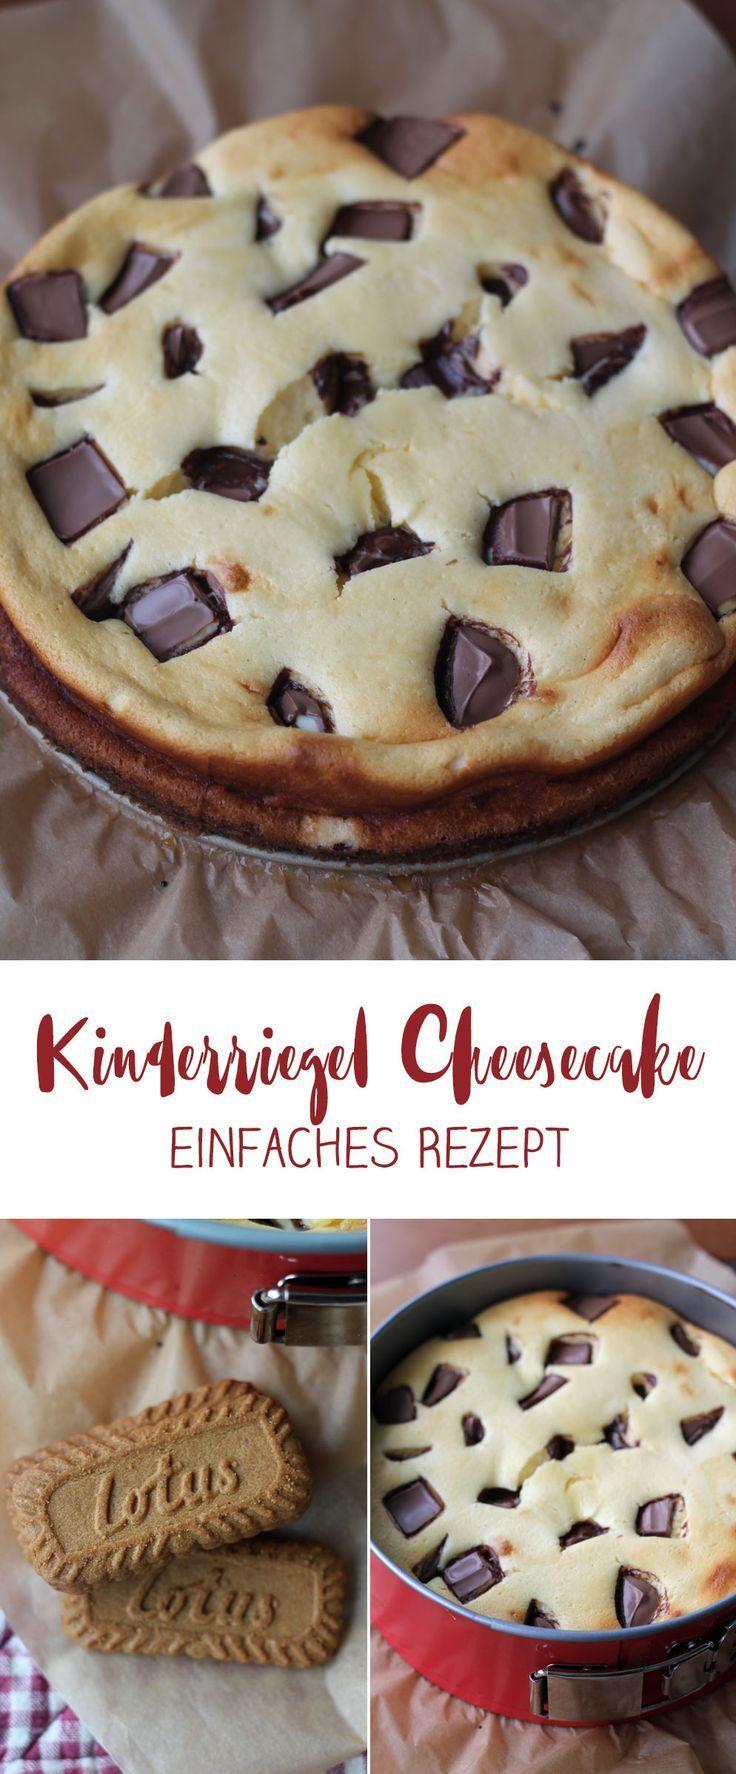 Sonntagskuchen Kinderriegel Cheesecake mit Karamell Keksboden